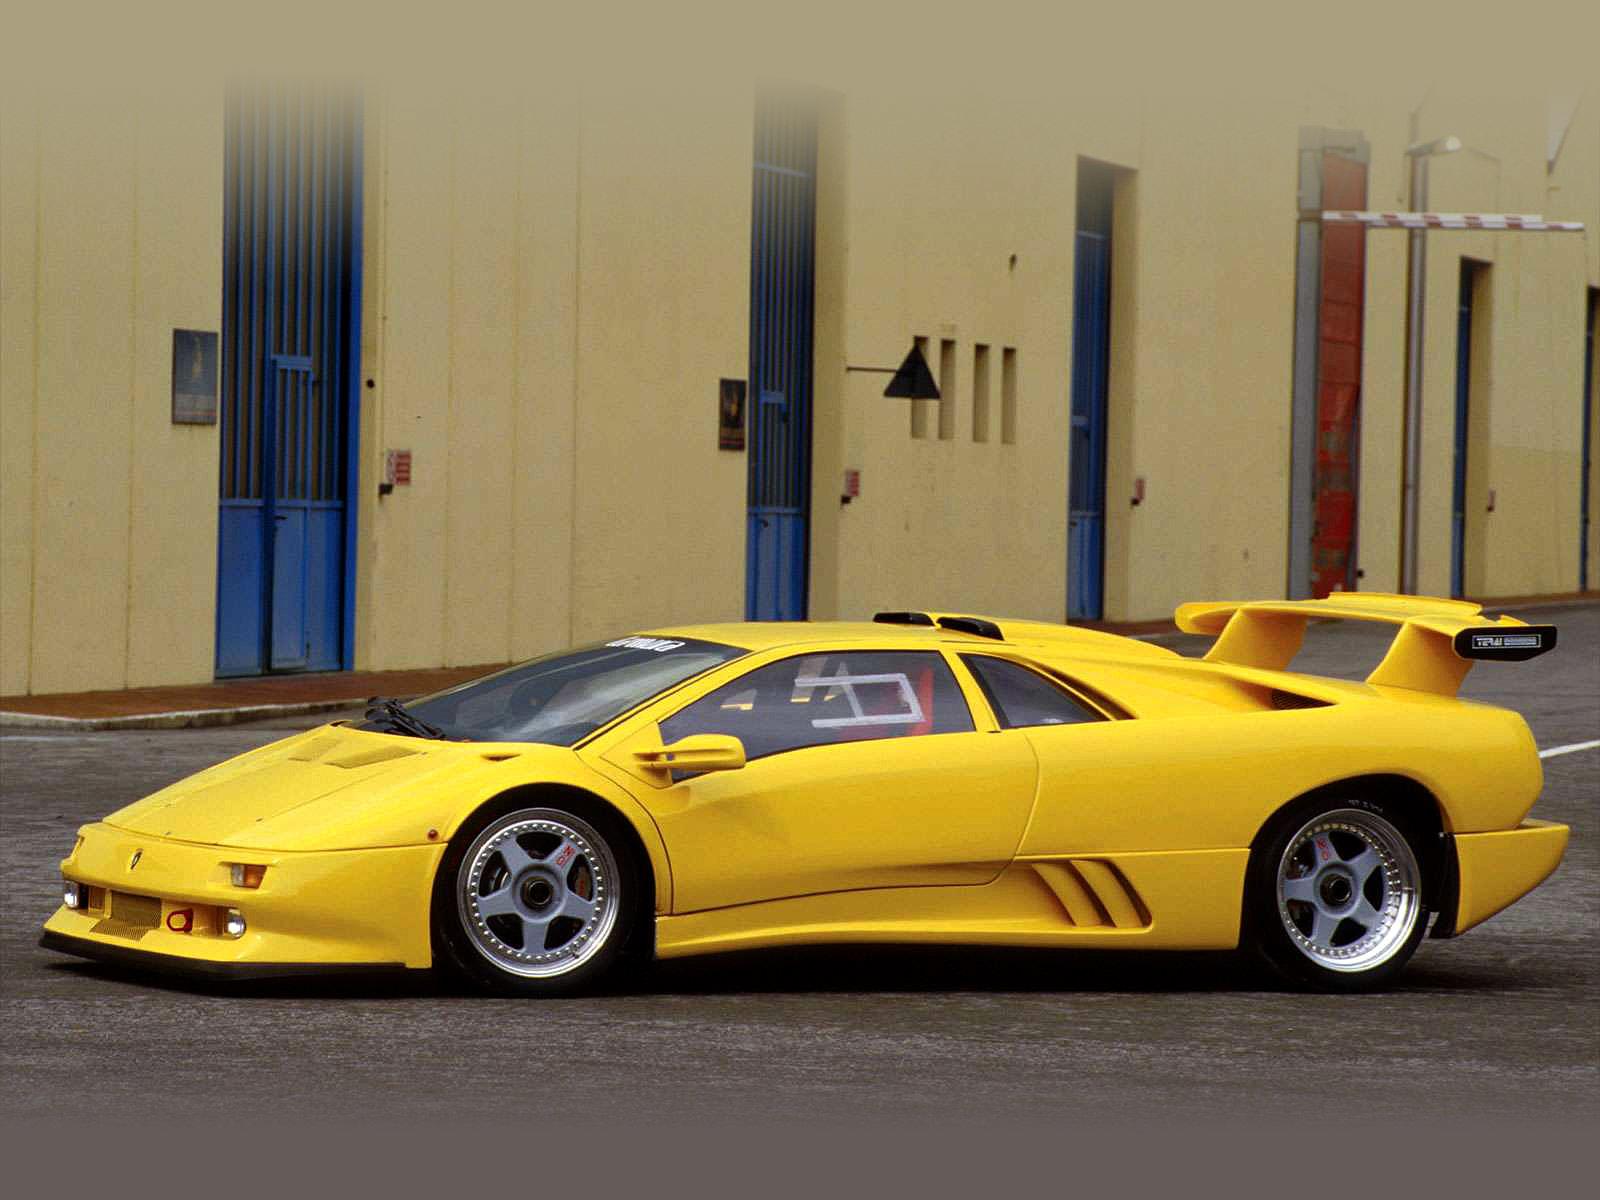 1995_Diablo_Iota_Lamborghini-pictures_2 Exciting Lamborghini Huracán Lp 610-4 Cena Cars Trend